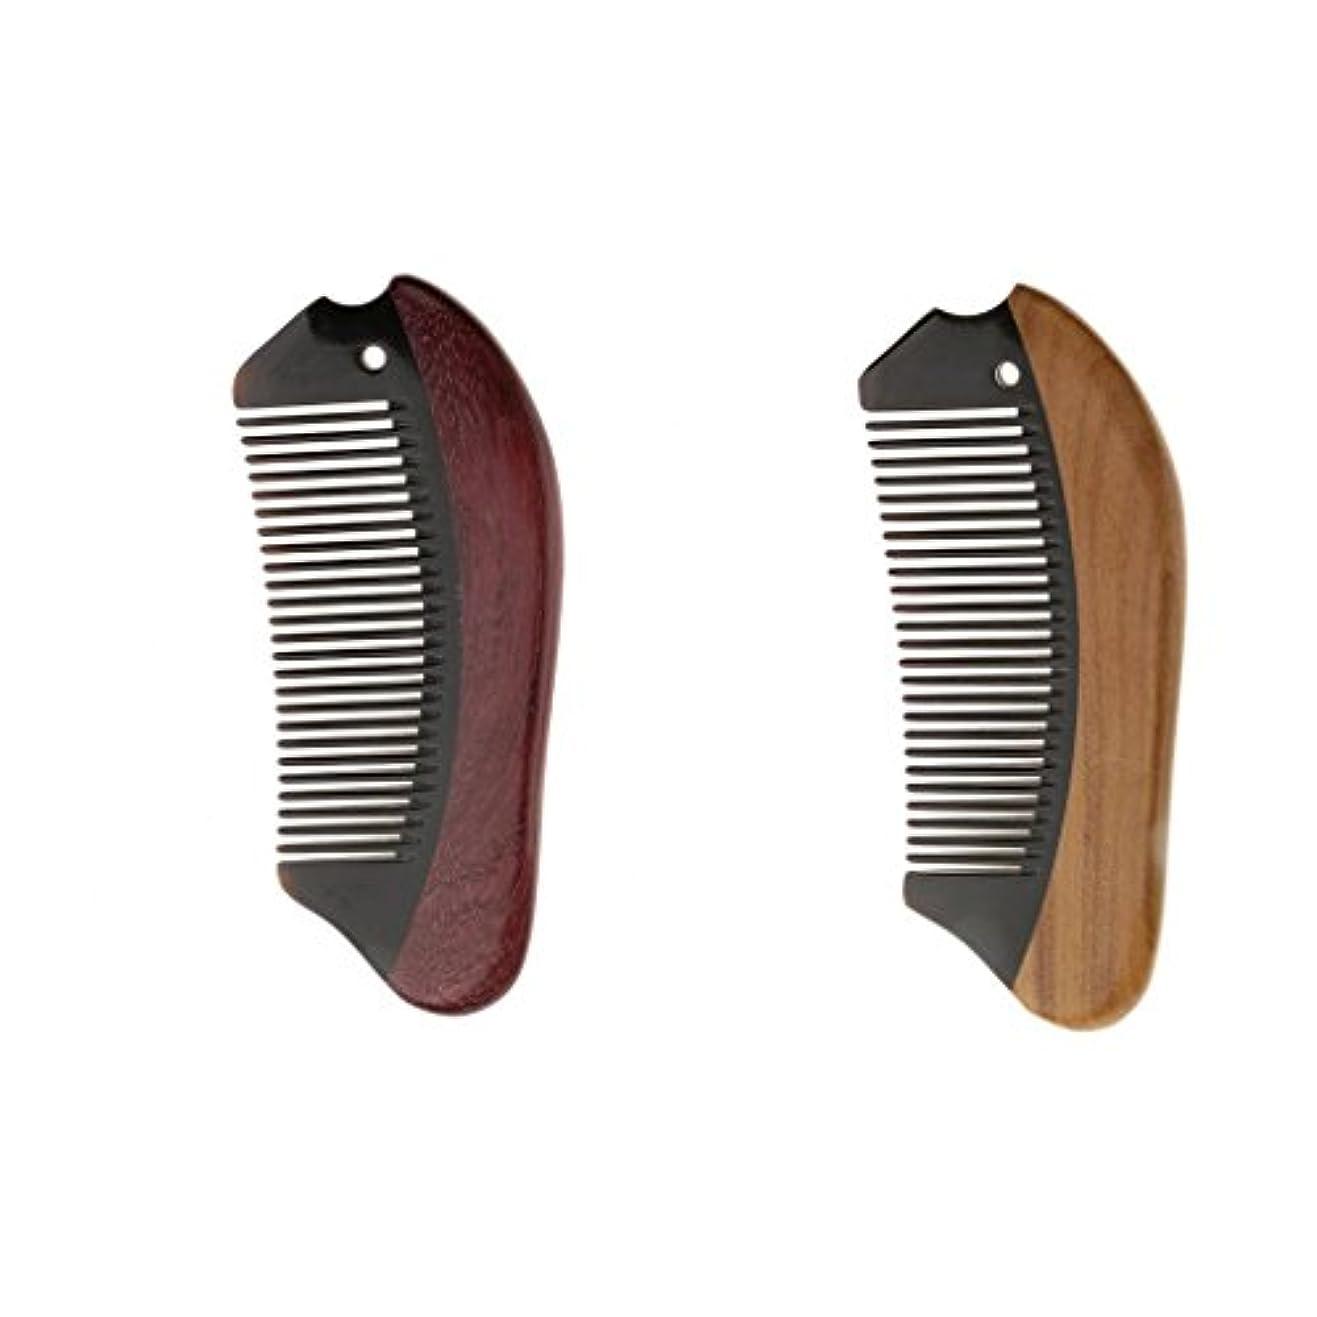 会議チャレンジクリーク2個 木製 櫛 コーム 静電気防止 ウッド マッサージ 高品質